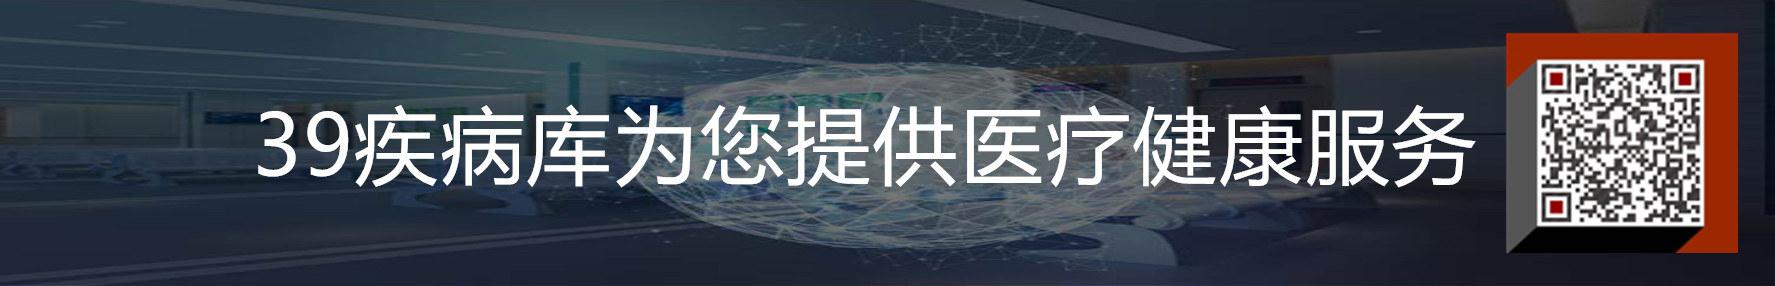 郑州偏头痛在线视频偷国产精品